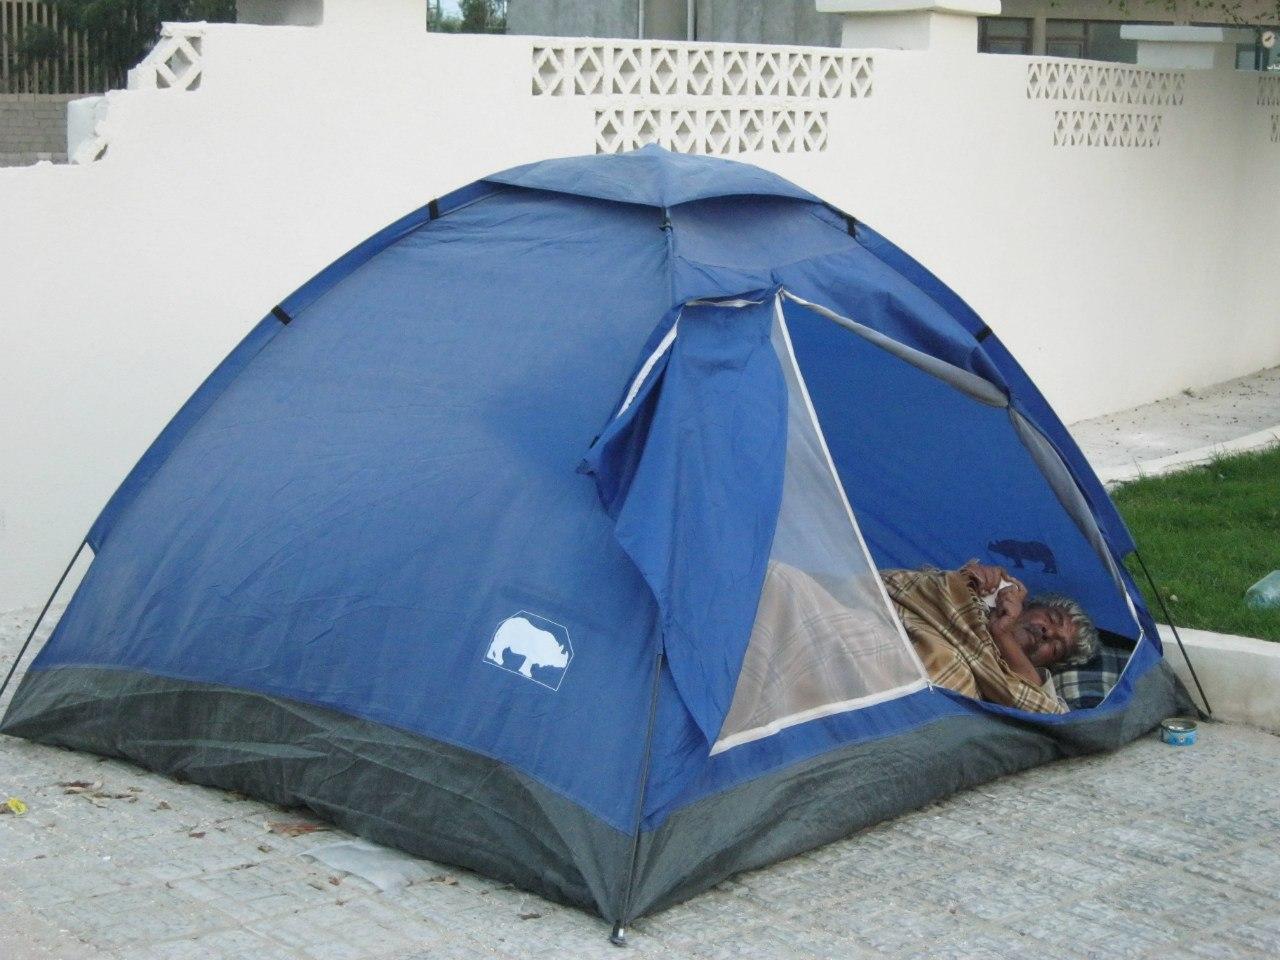 Мужик в палатке - бомж??